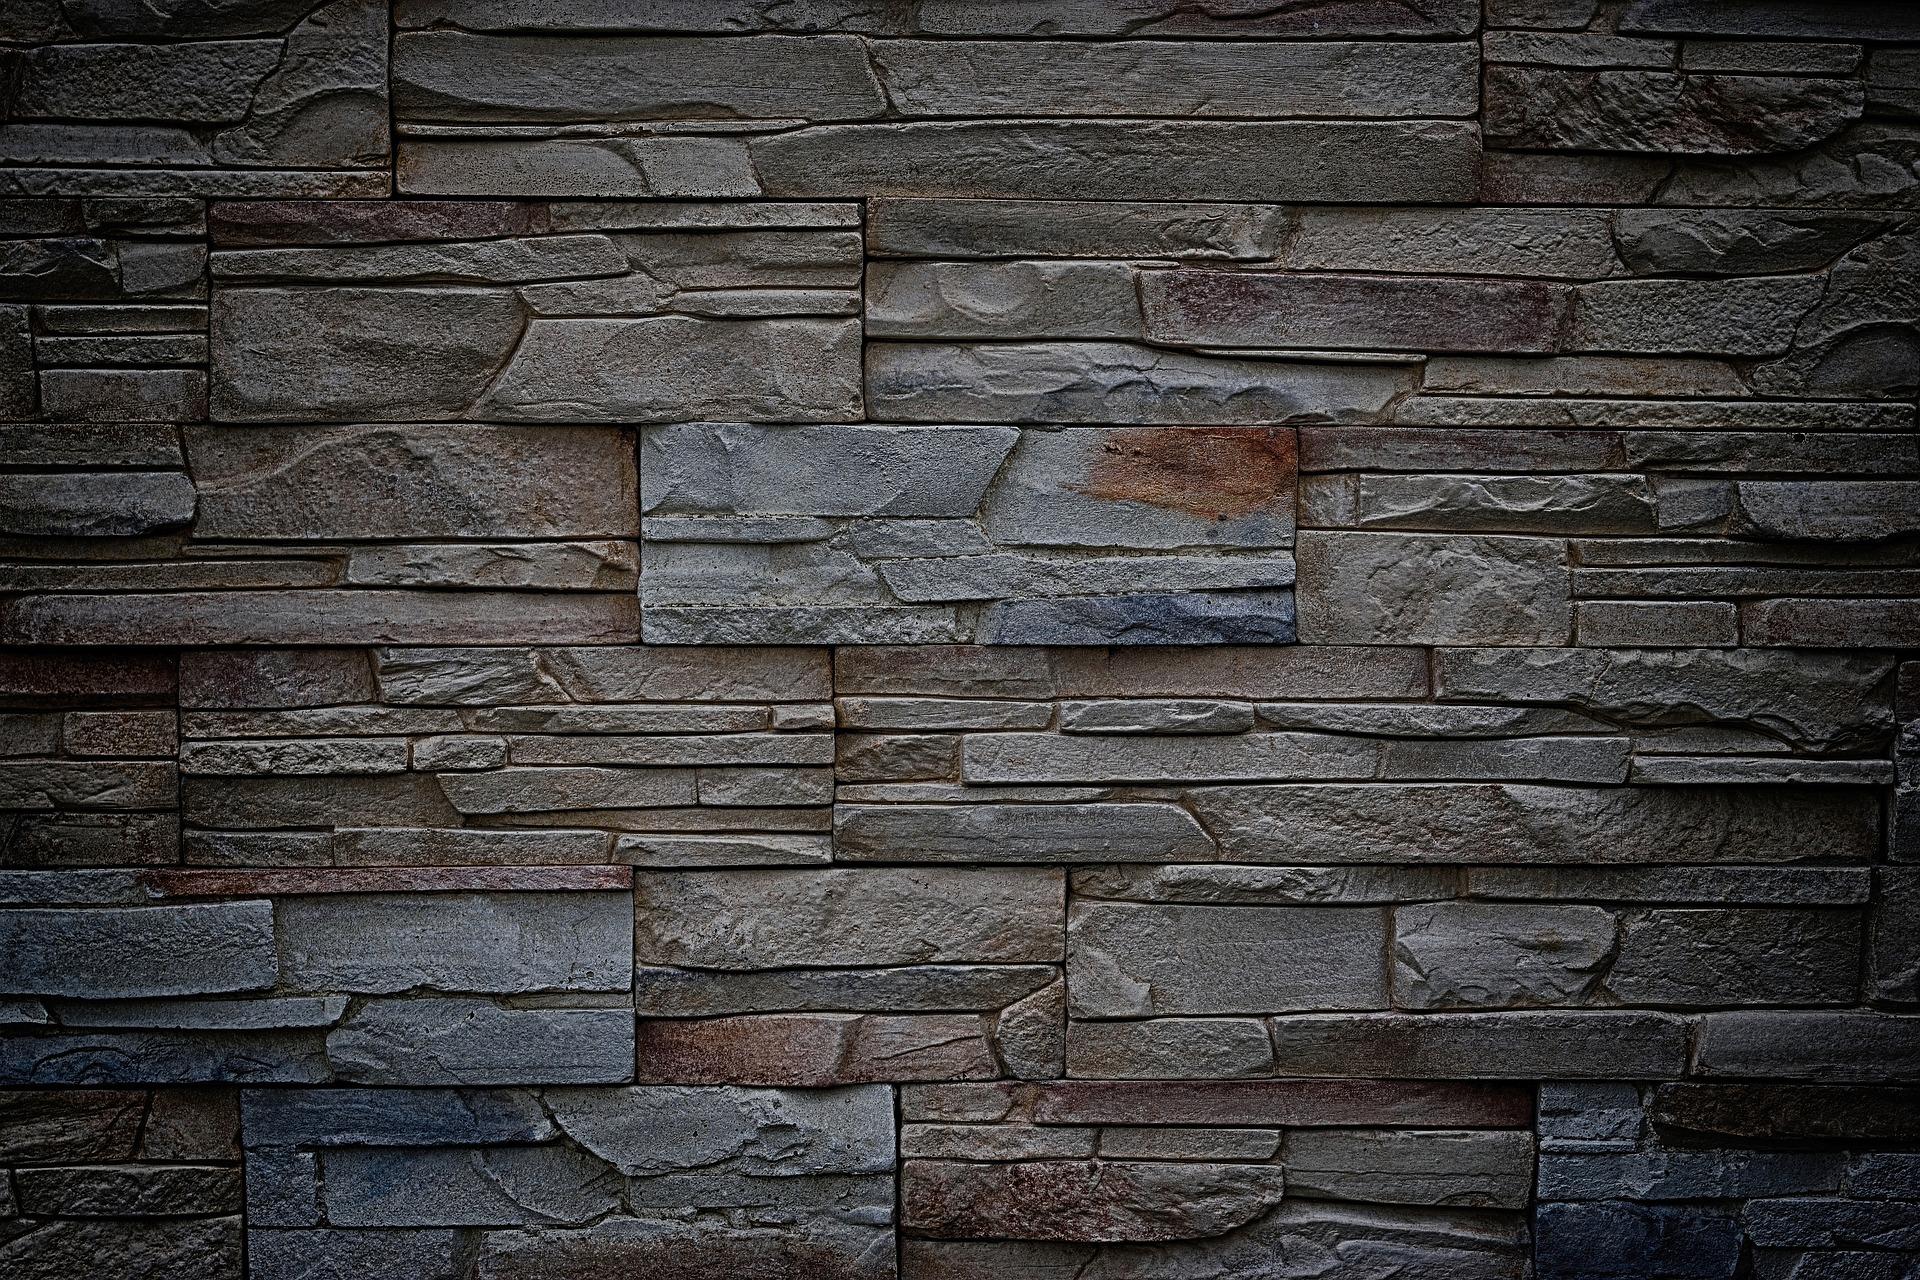 wall-g145d28c34_1920